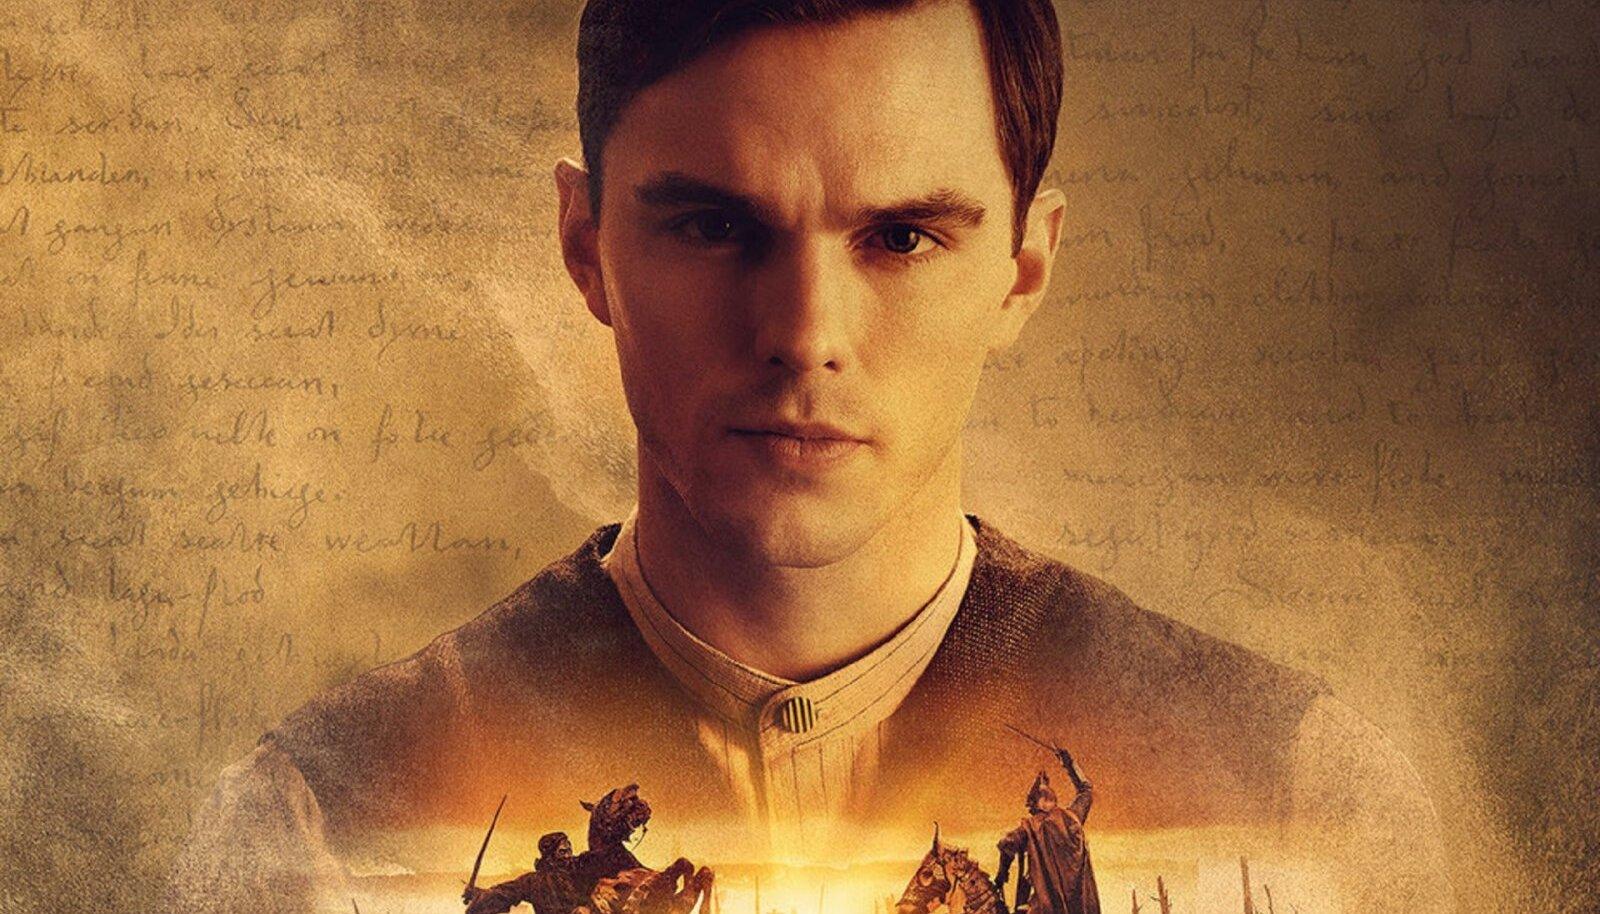 """Telia kliendid saavad praegu vaadata J.R.R. Tolkien eluloofilmi """"Tolkien""""."""